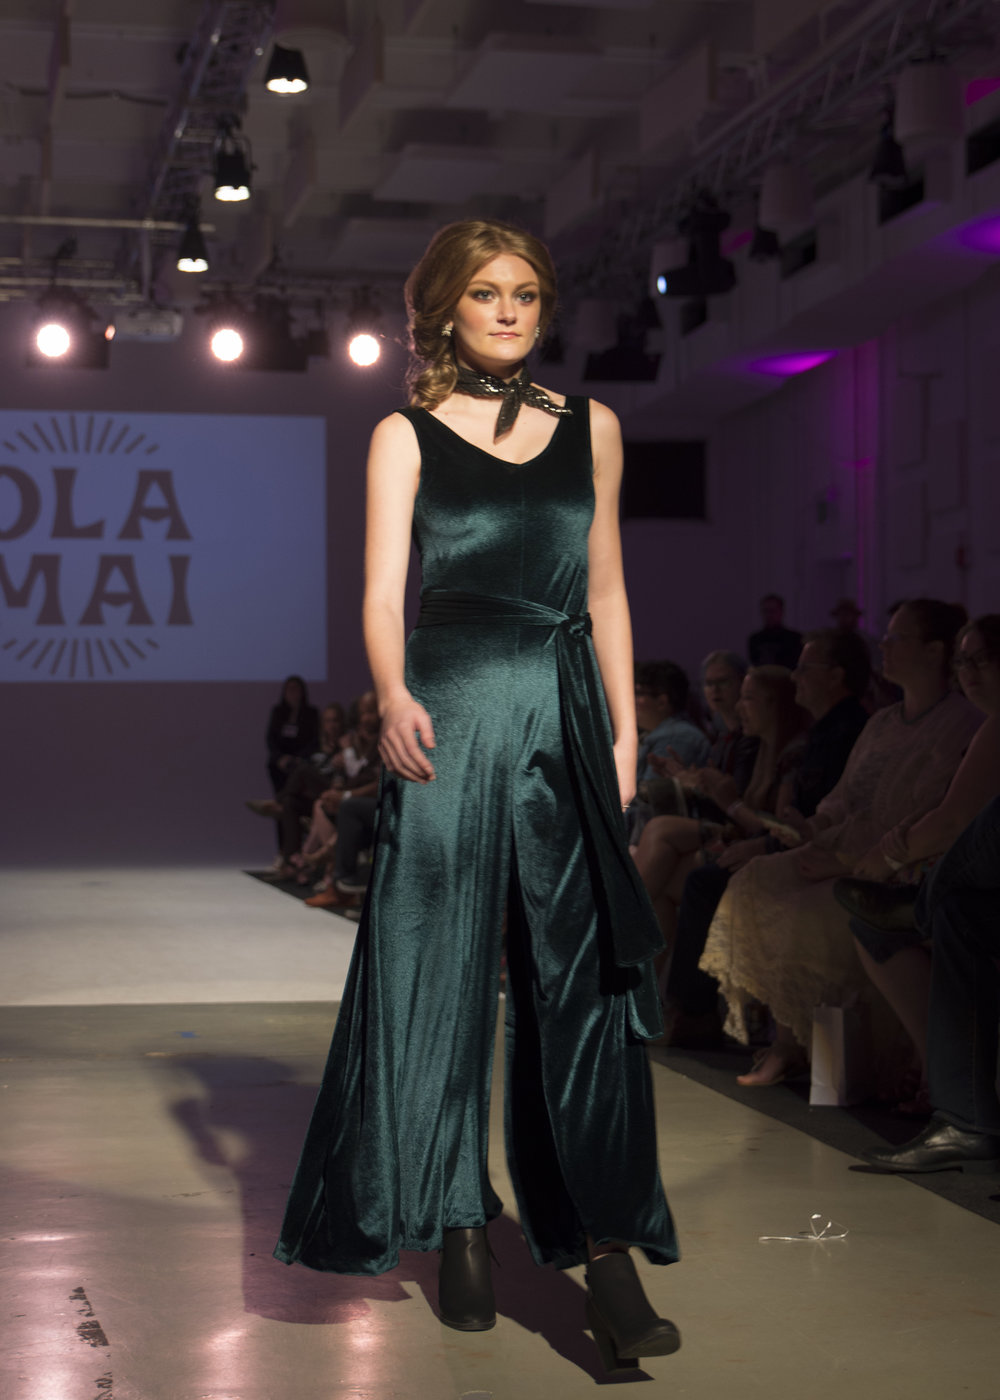 Mariah Daniel Wearing Ola Mai